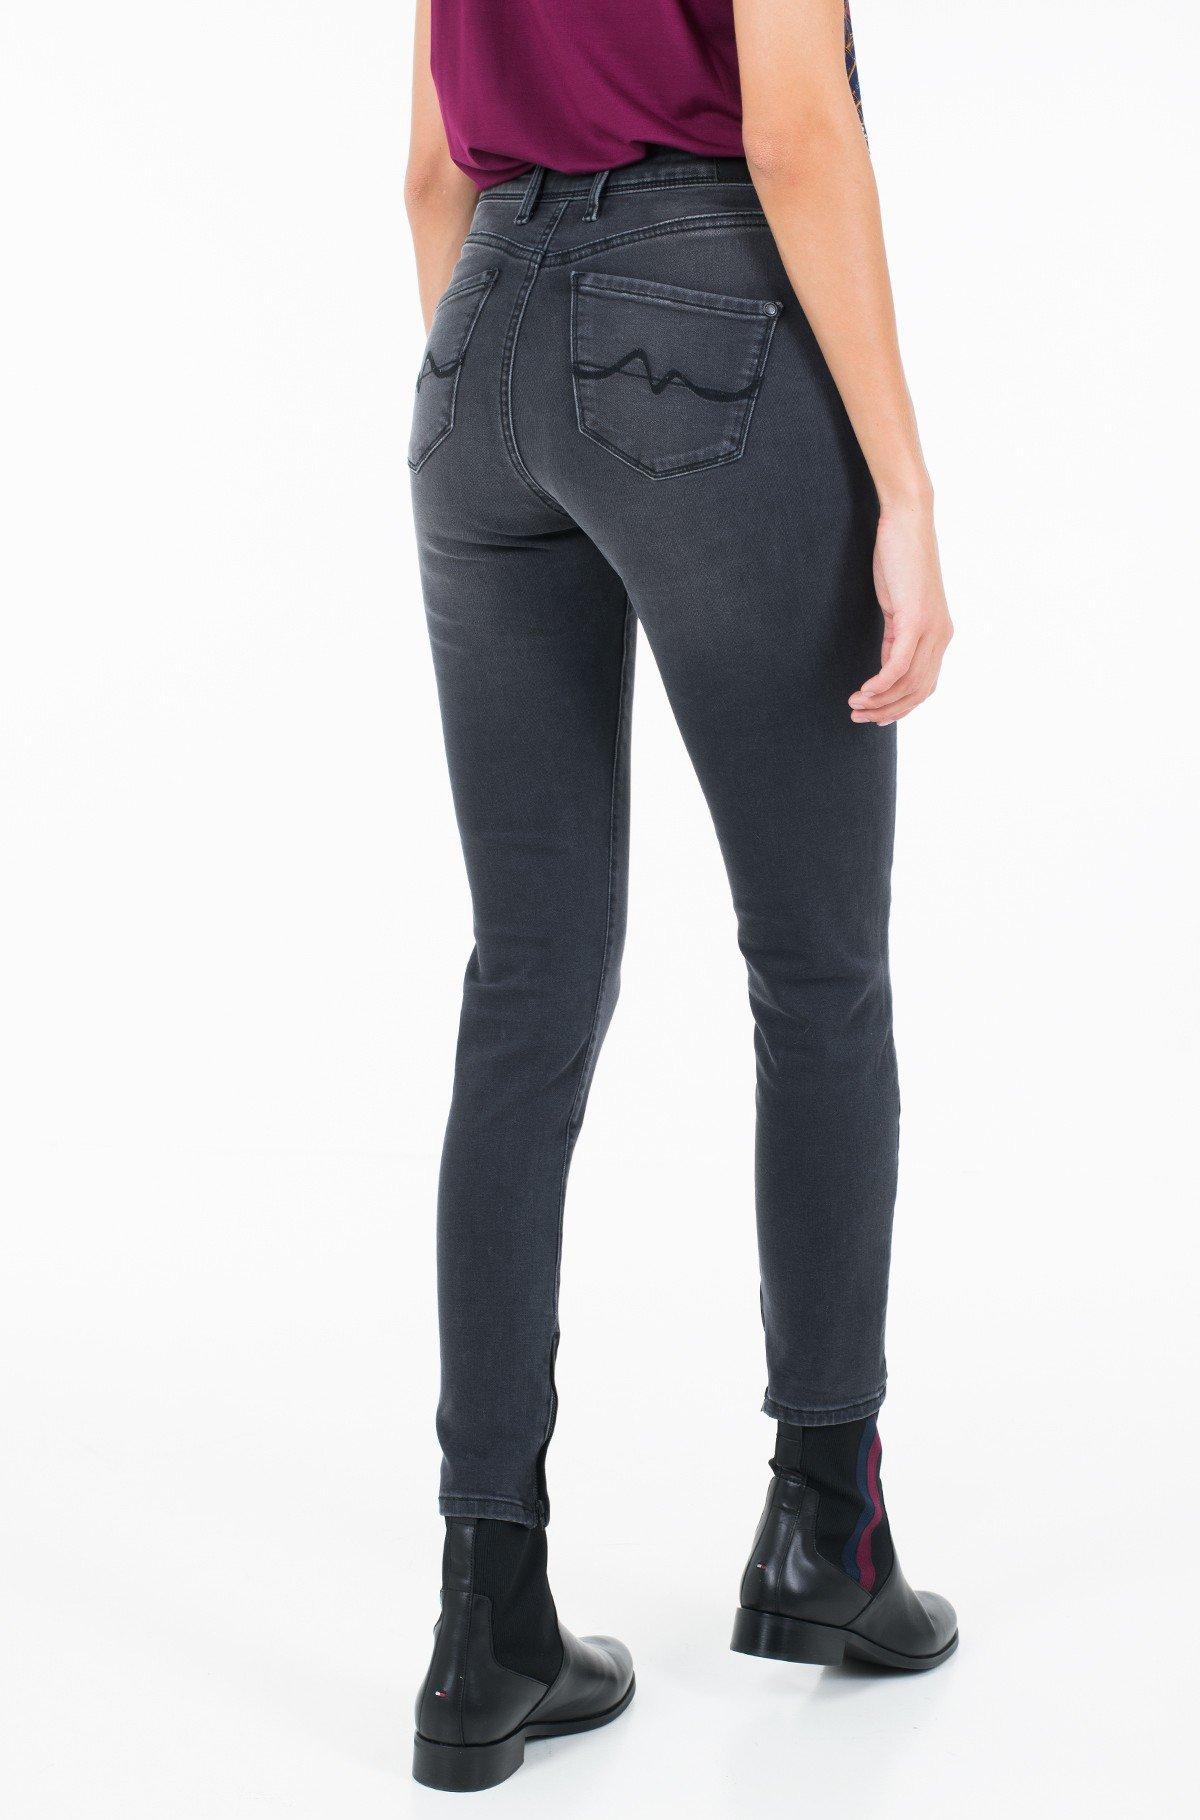 Jeans CHER HIGH/PL203384XA1-full-3